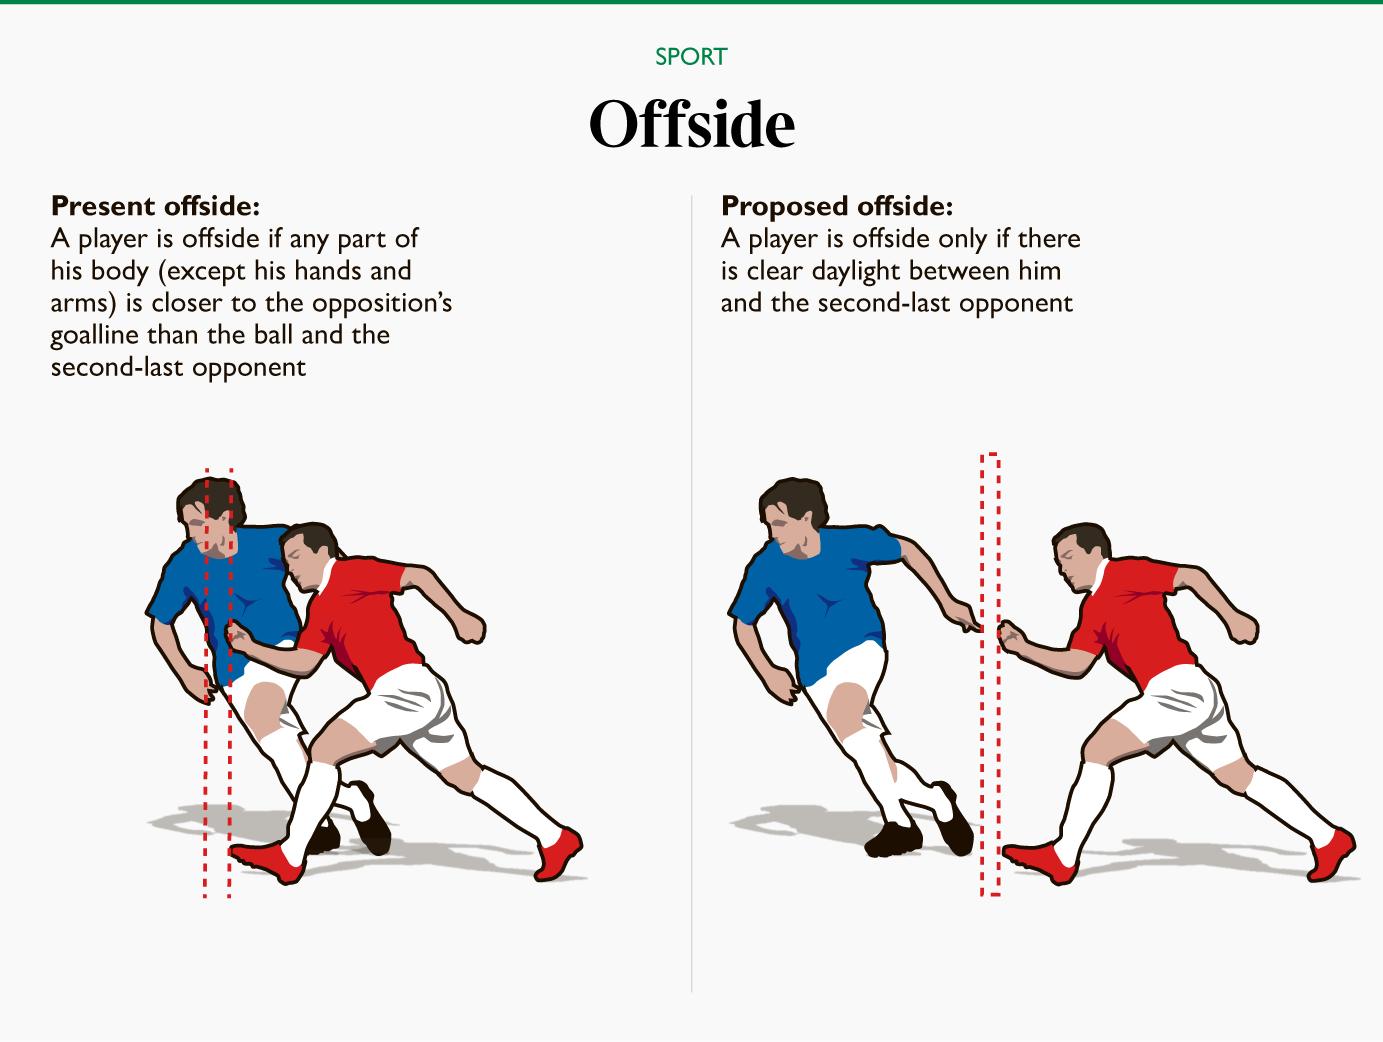 Новые правила в футболе 2019 в картинках